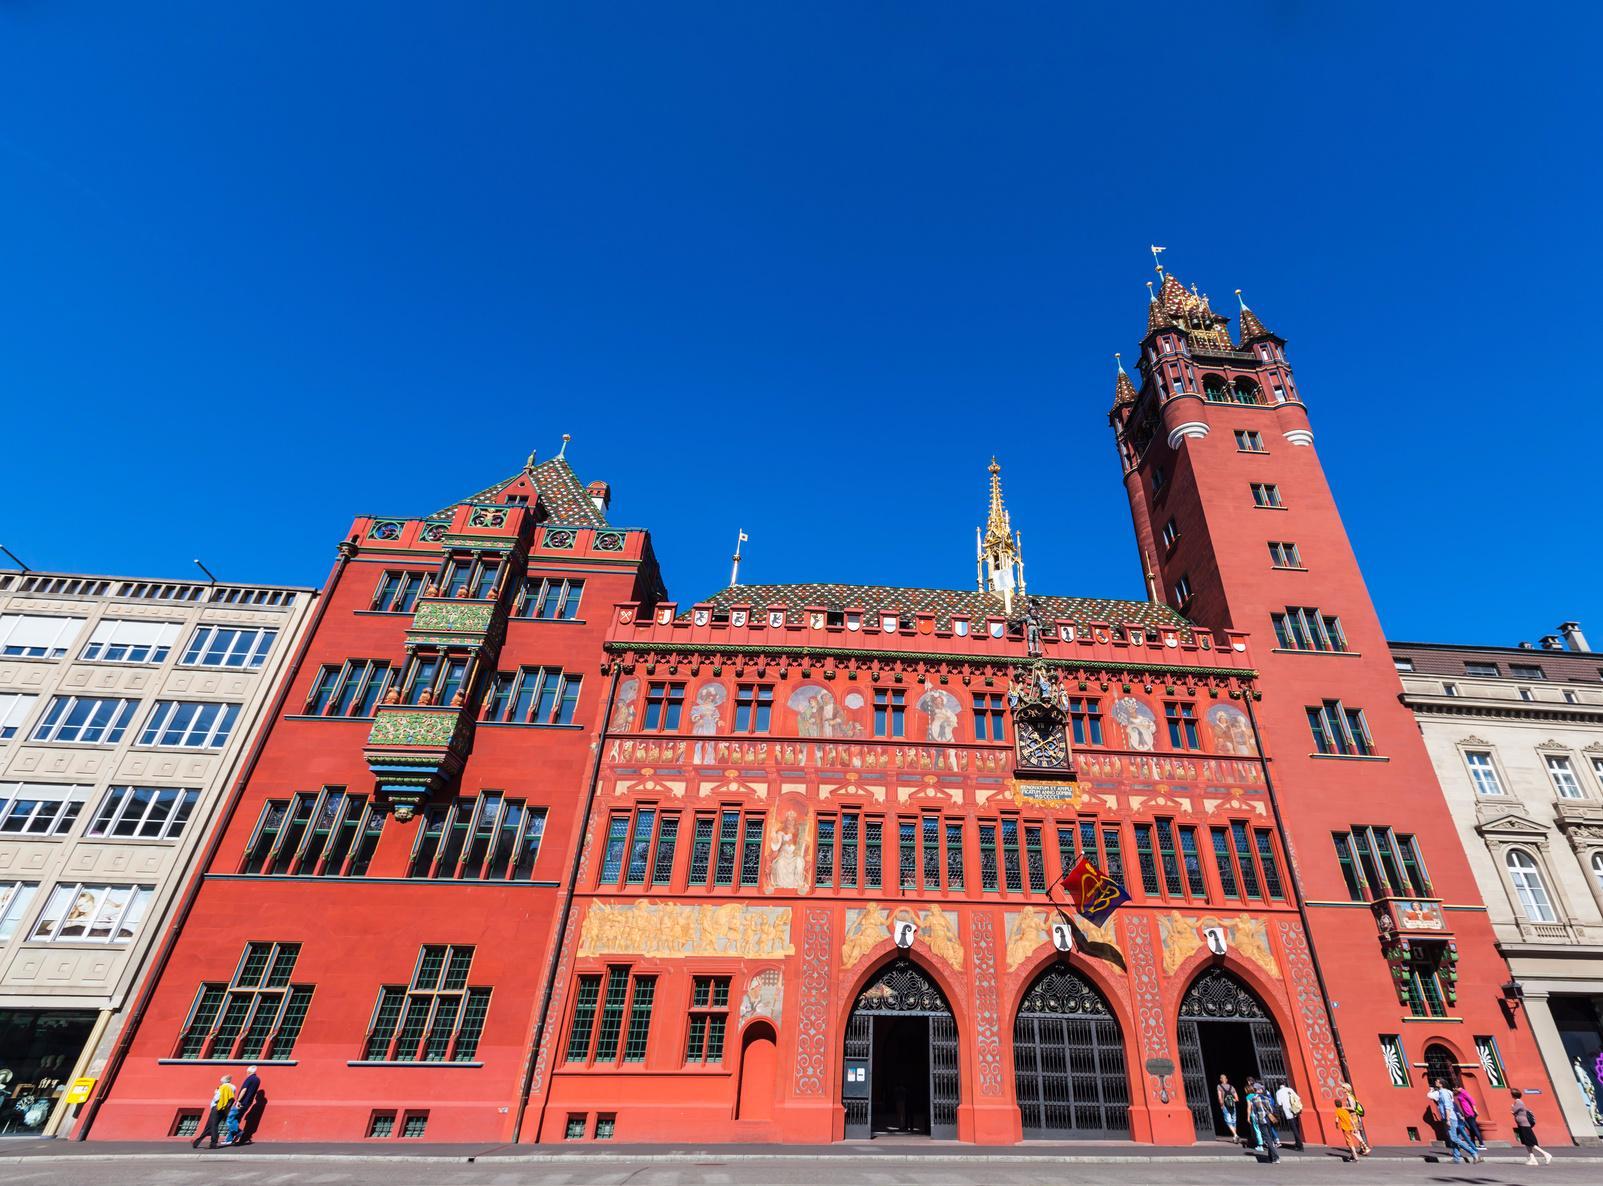 Basel's city hall